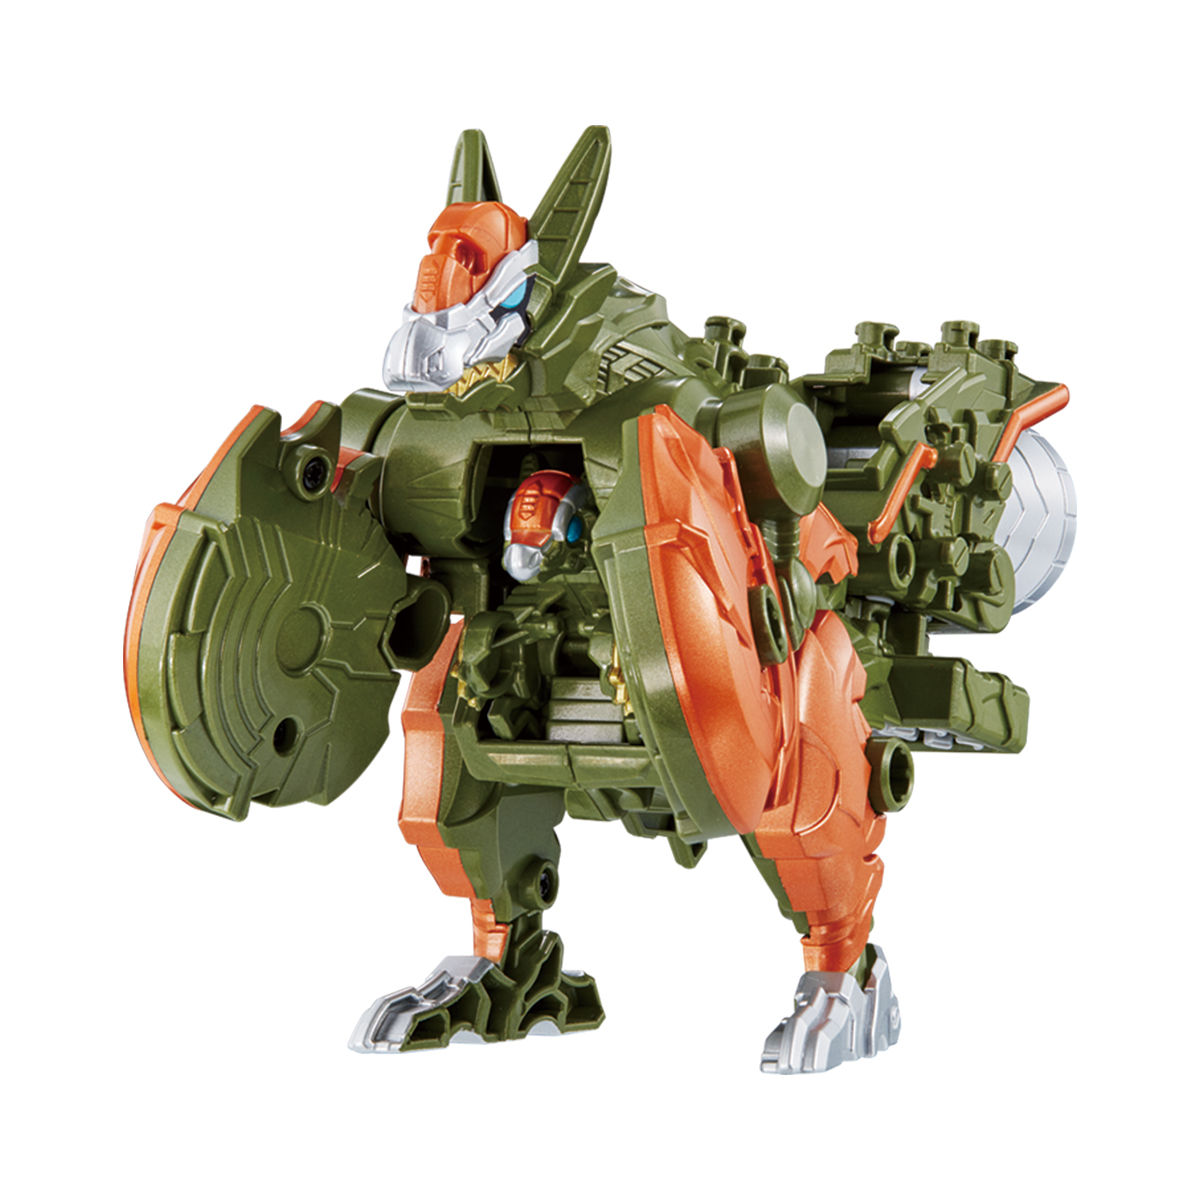 騎士竜戦隊リュウソウジャー『騎士竜シリーズ10 DXパキガルー』可変可動フィギュア-005